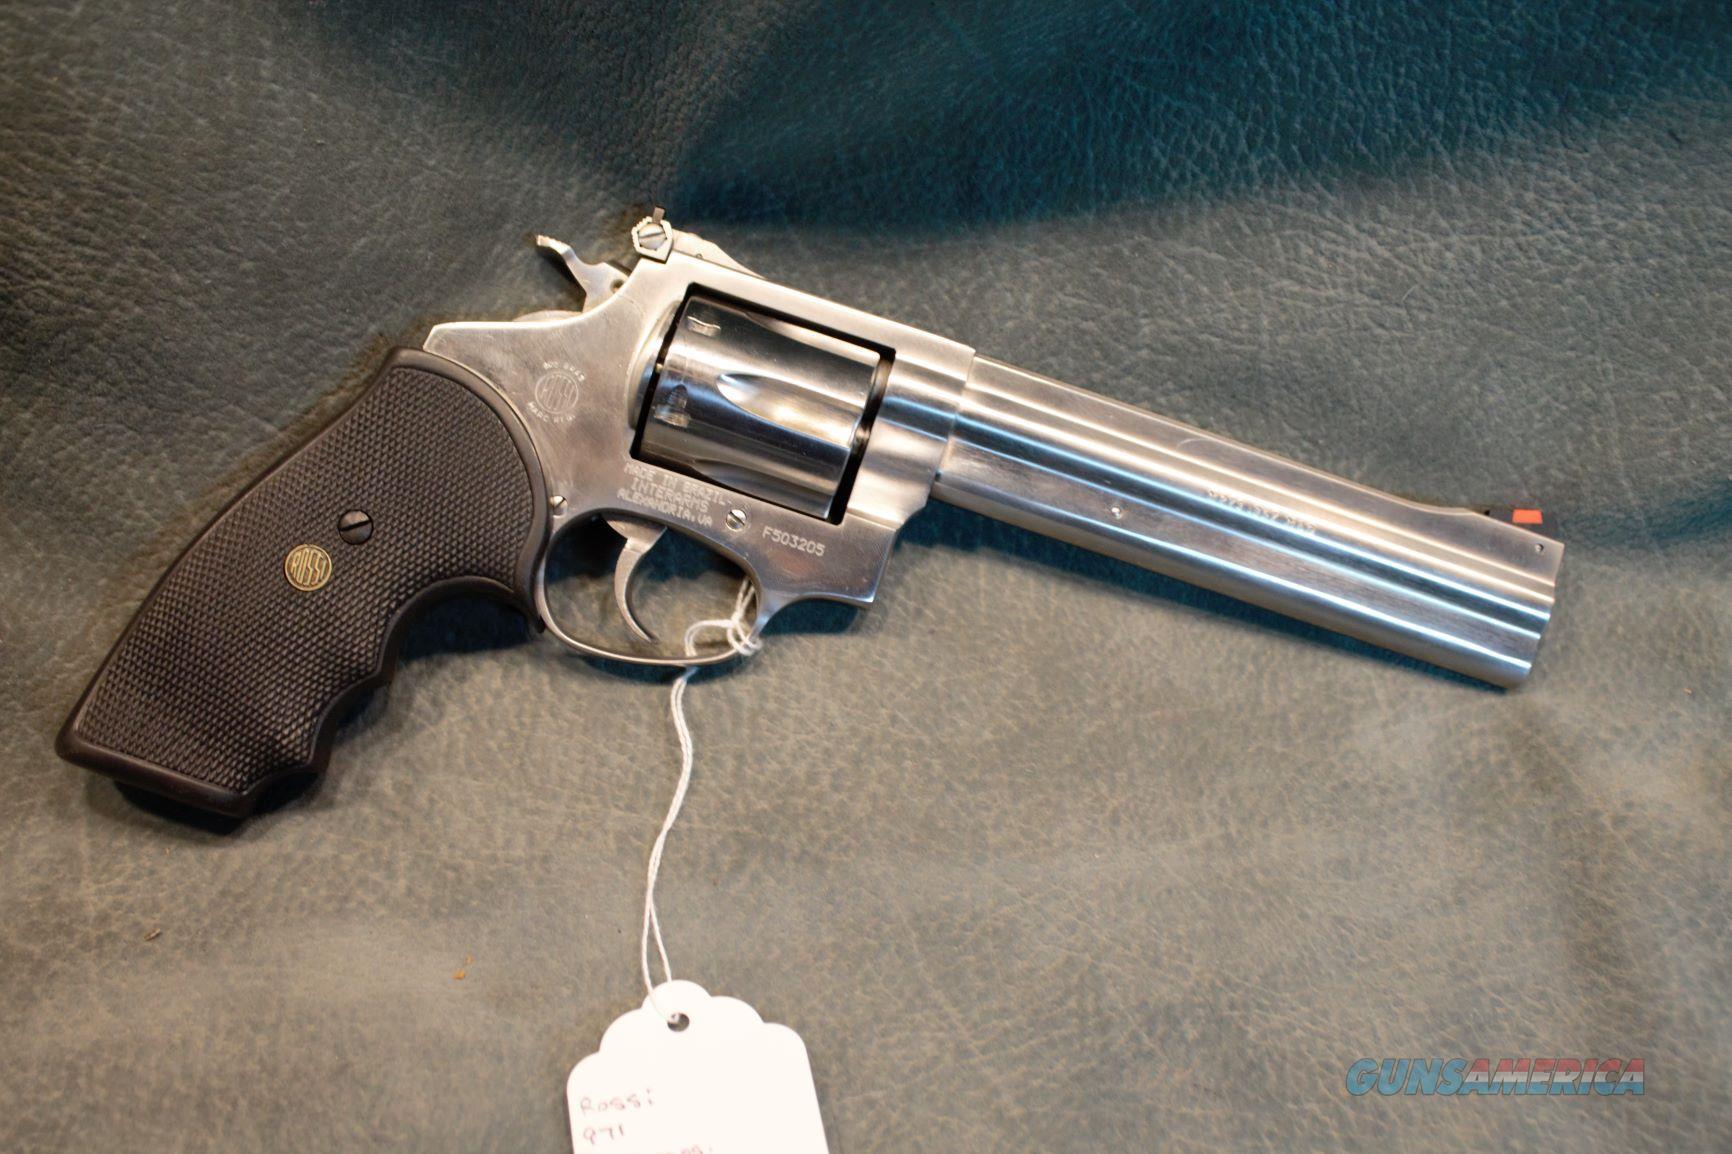 Rossi 971 357 Magnum  Guns > Pistols > Rossi Revolvers